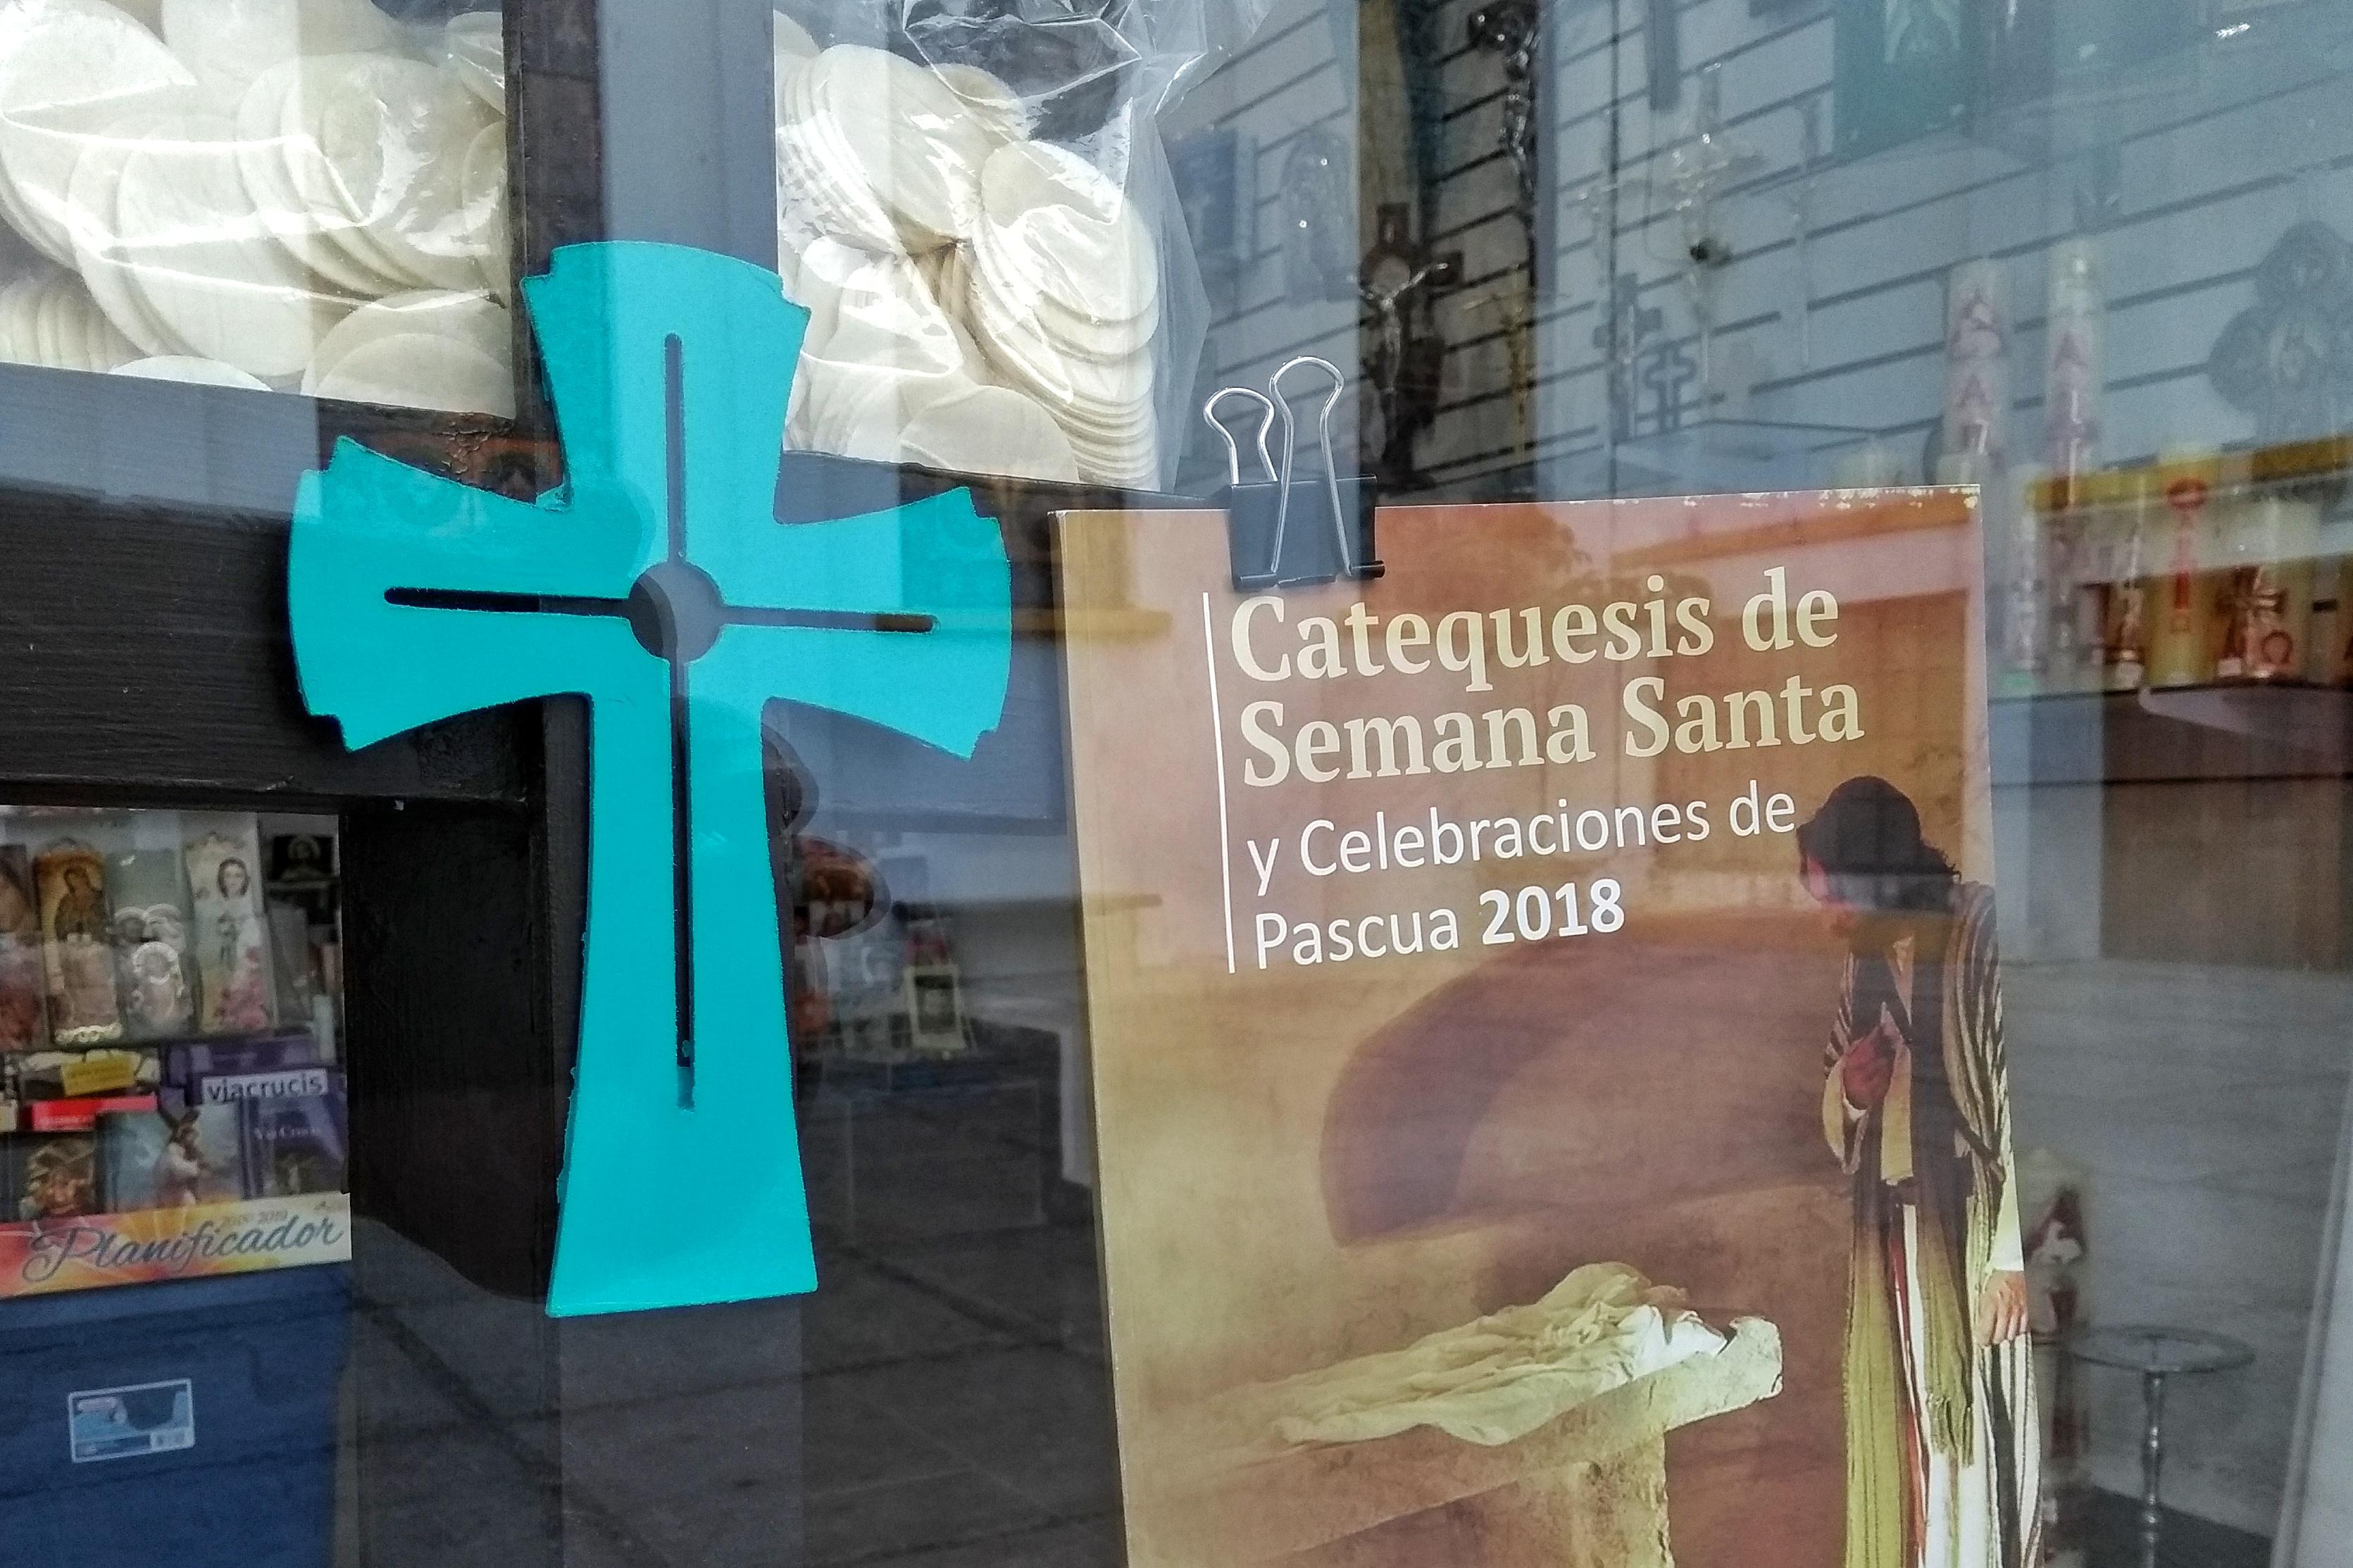 Irse de vacaciones en Semana Santa no es pecado, pero… 3 obligaciones de los católicos